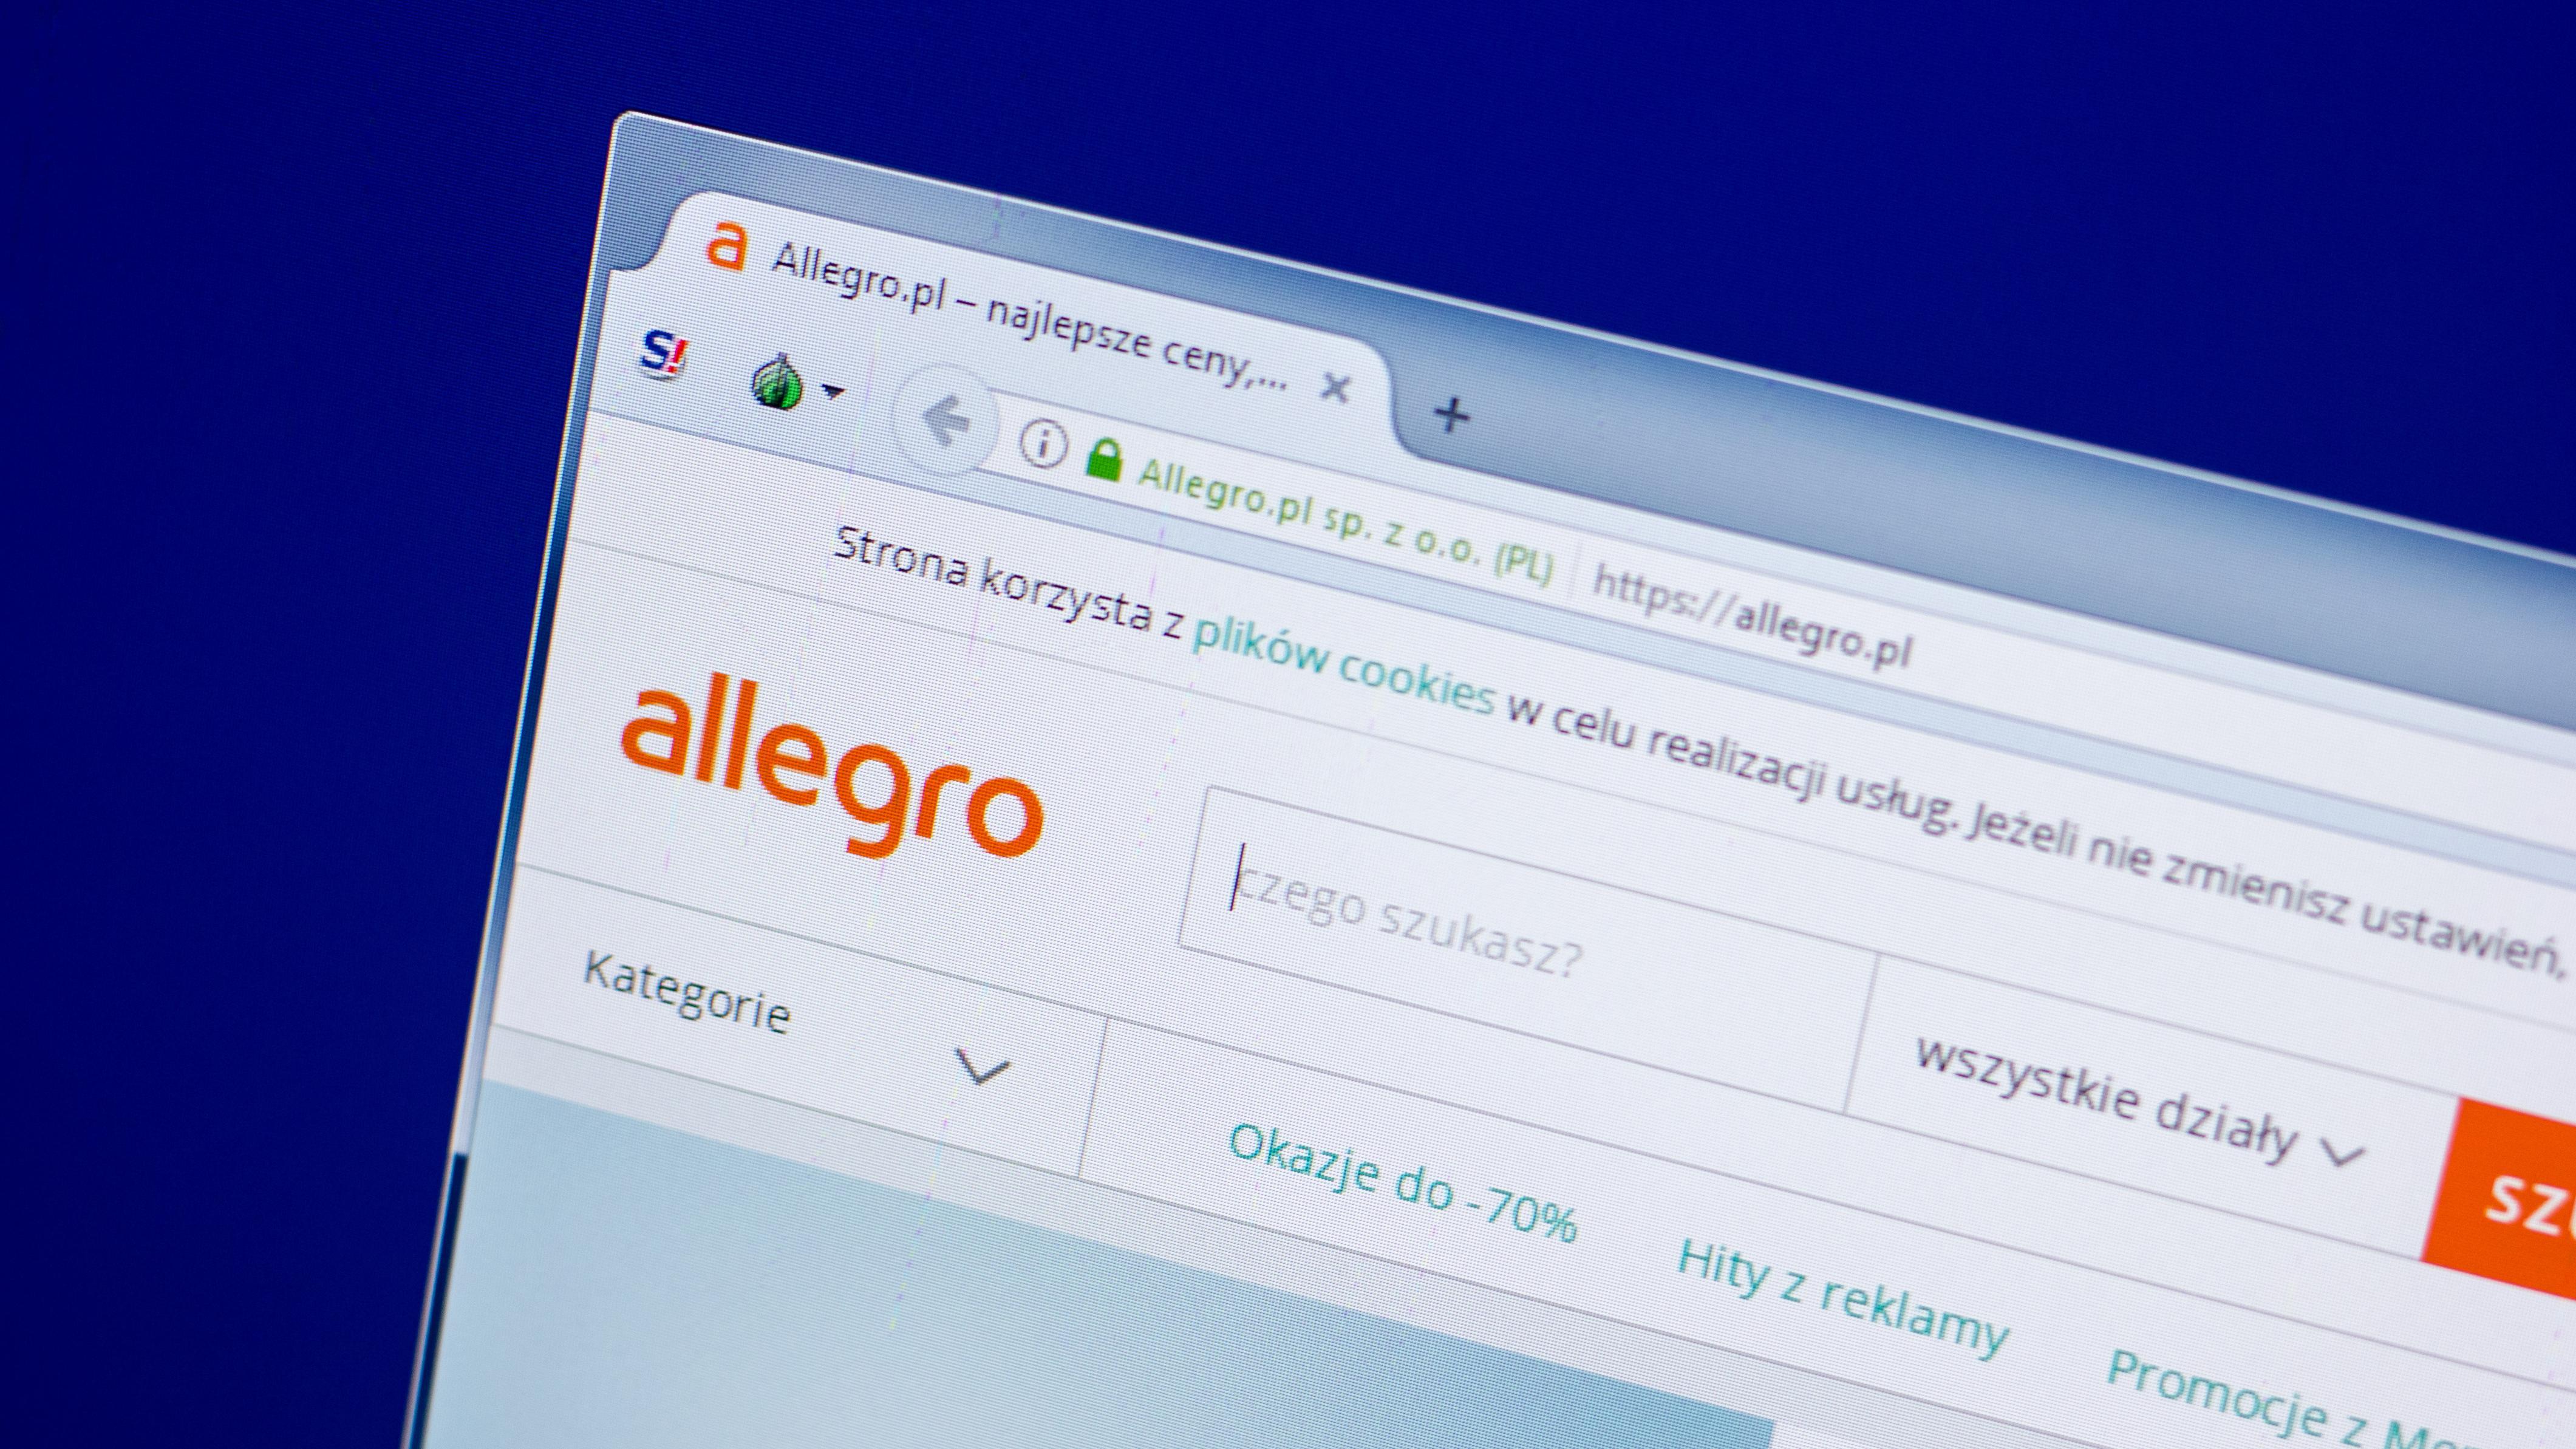 Allegro Zmienia Zasady Transakcje Anulujesz W Nawet 3 Dni Po Zakupie Podano Warunki